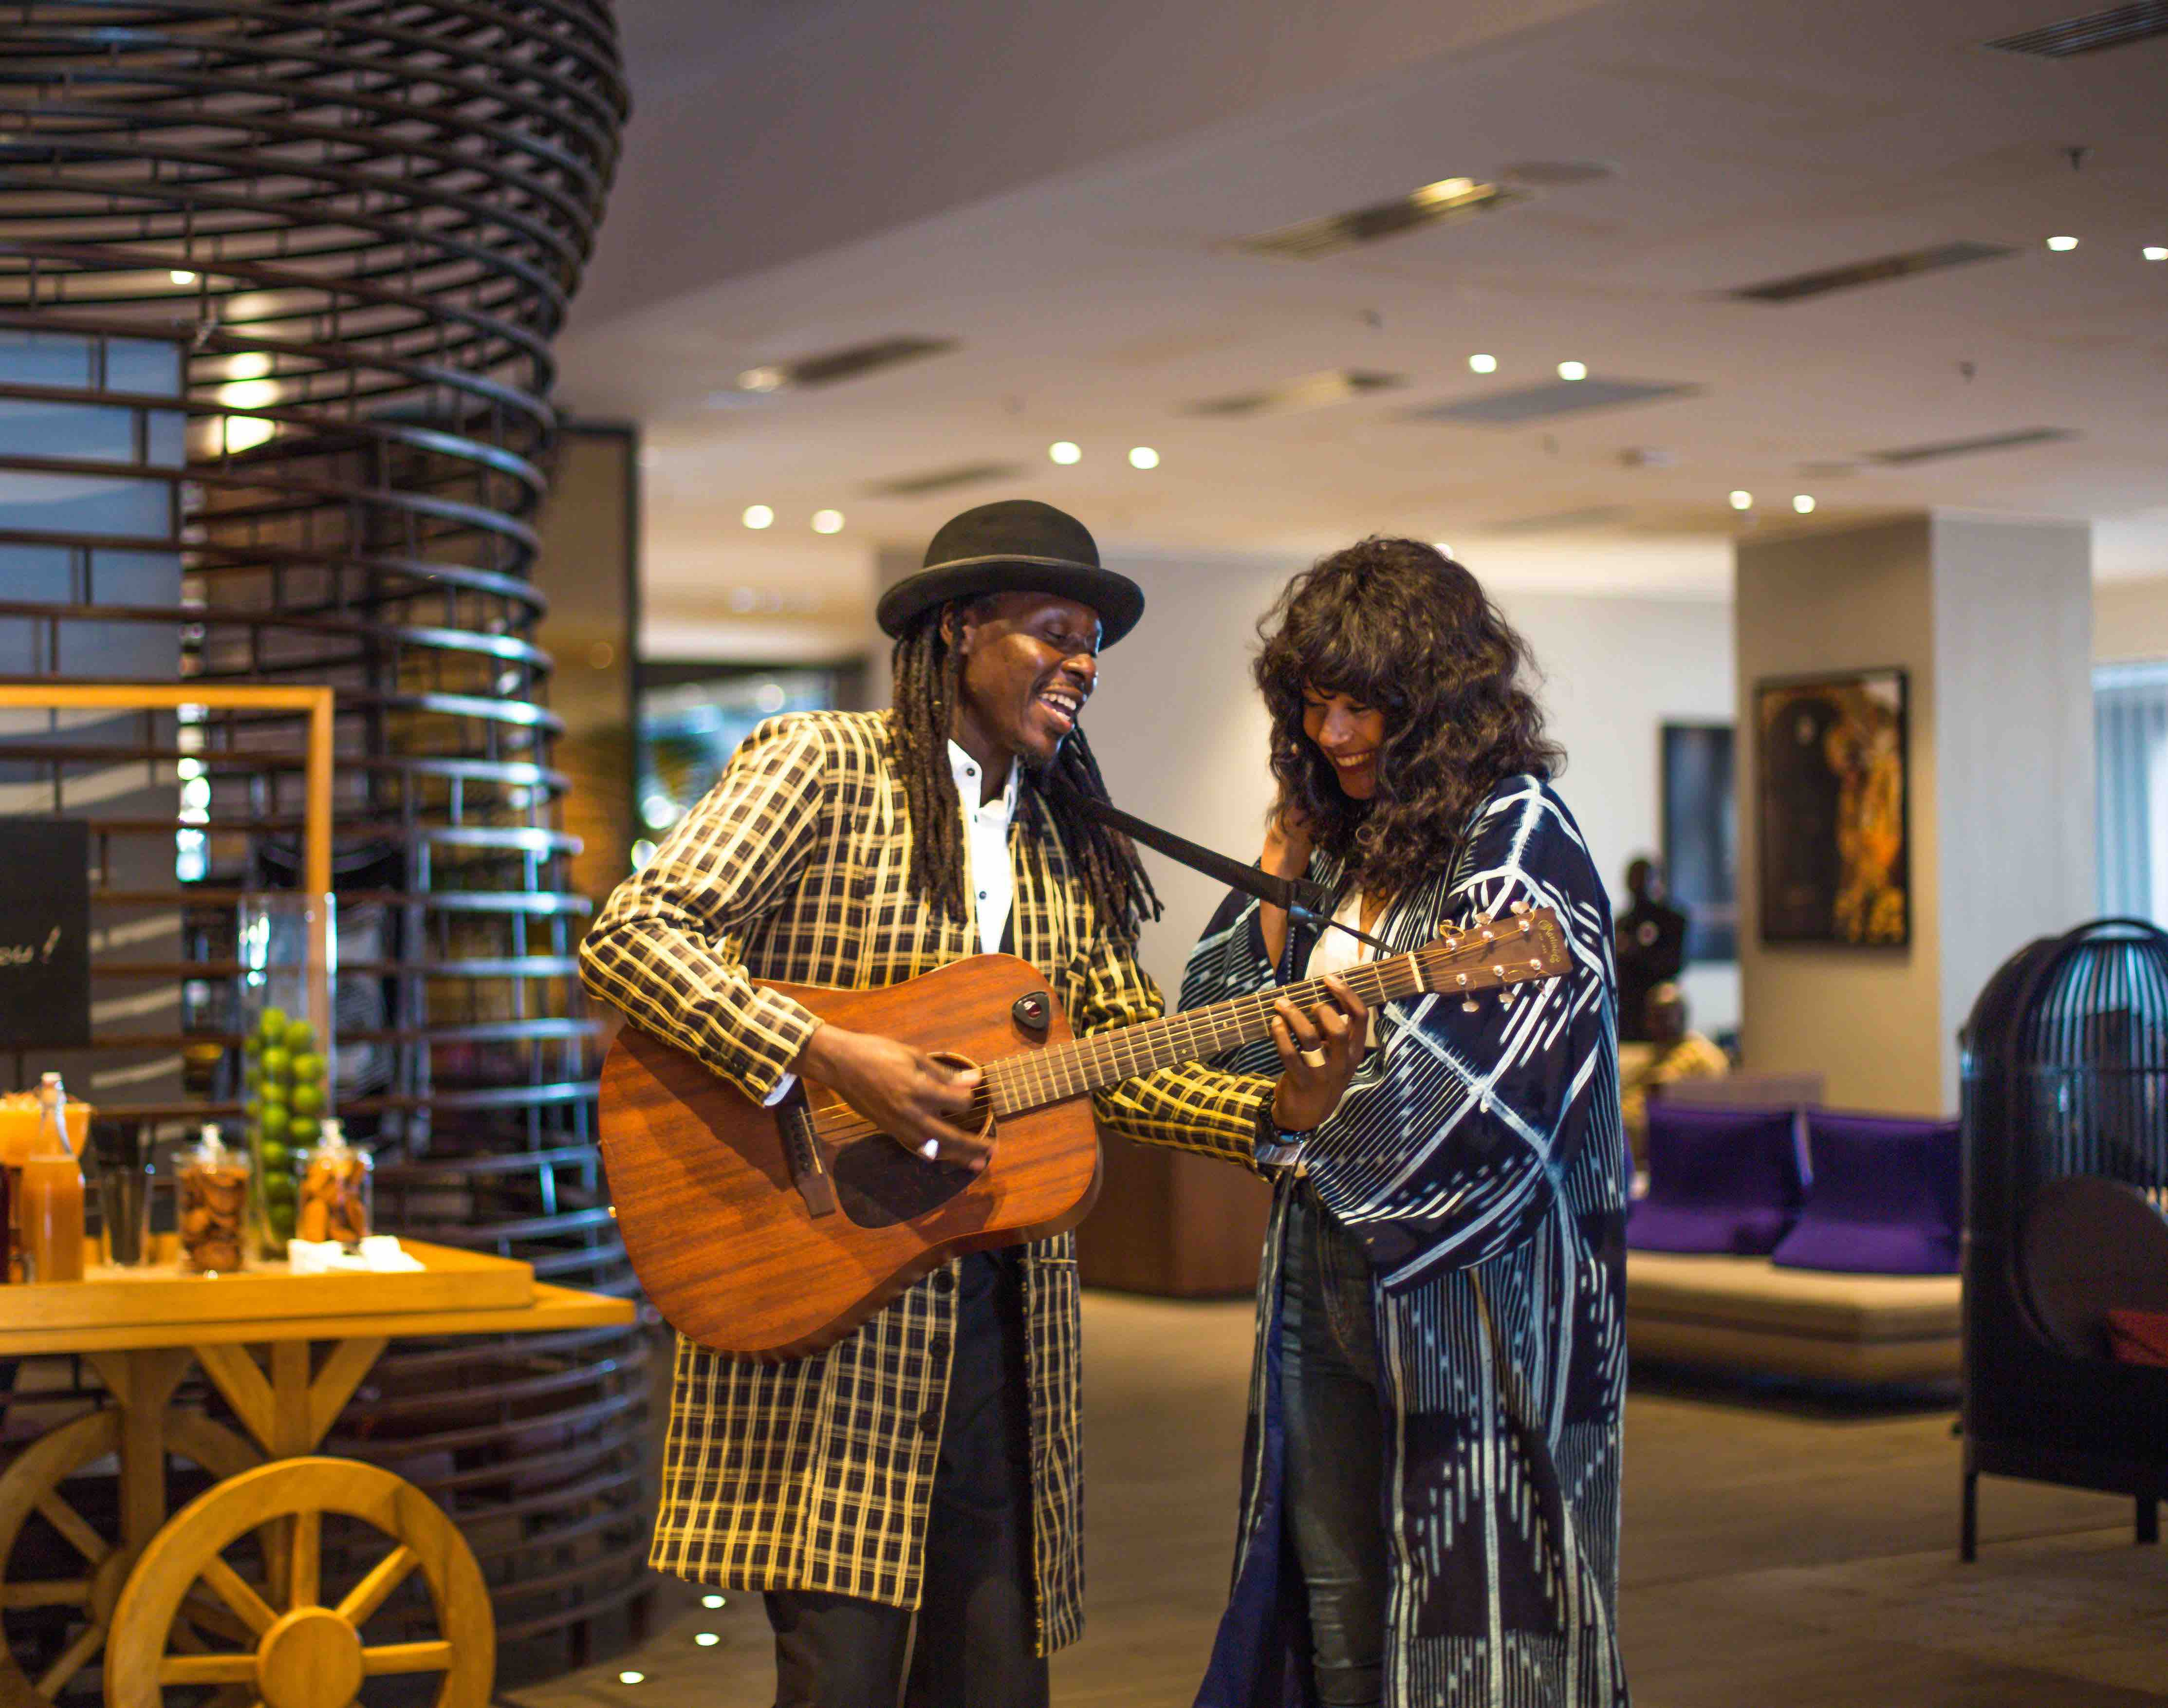 #MyChicAfrica : La campagne digitale signée AccorHotels et Air France pour explorer l'Afrique